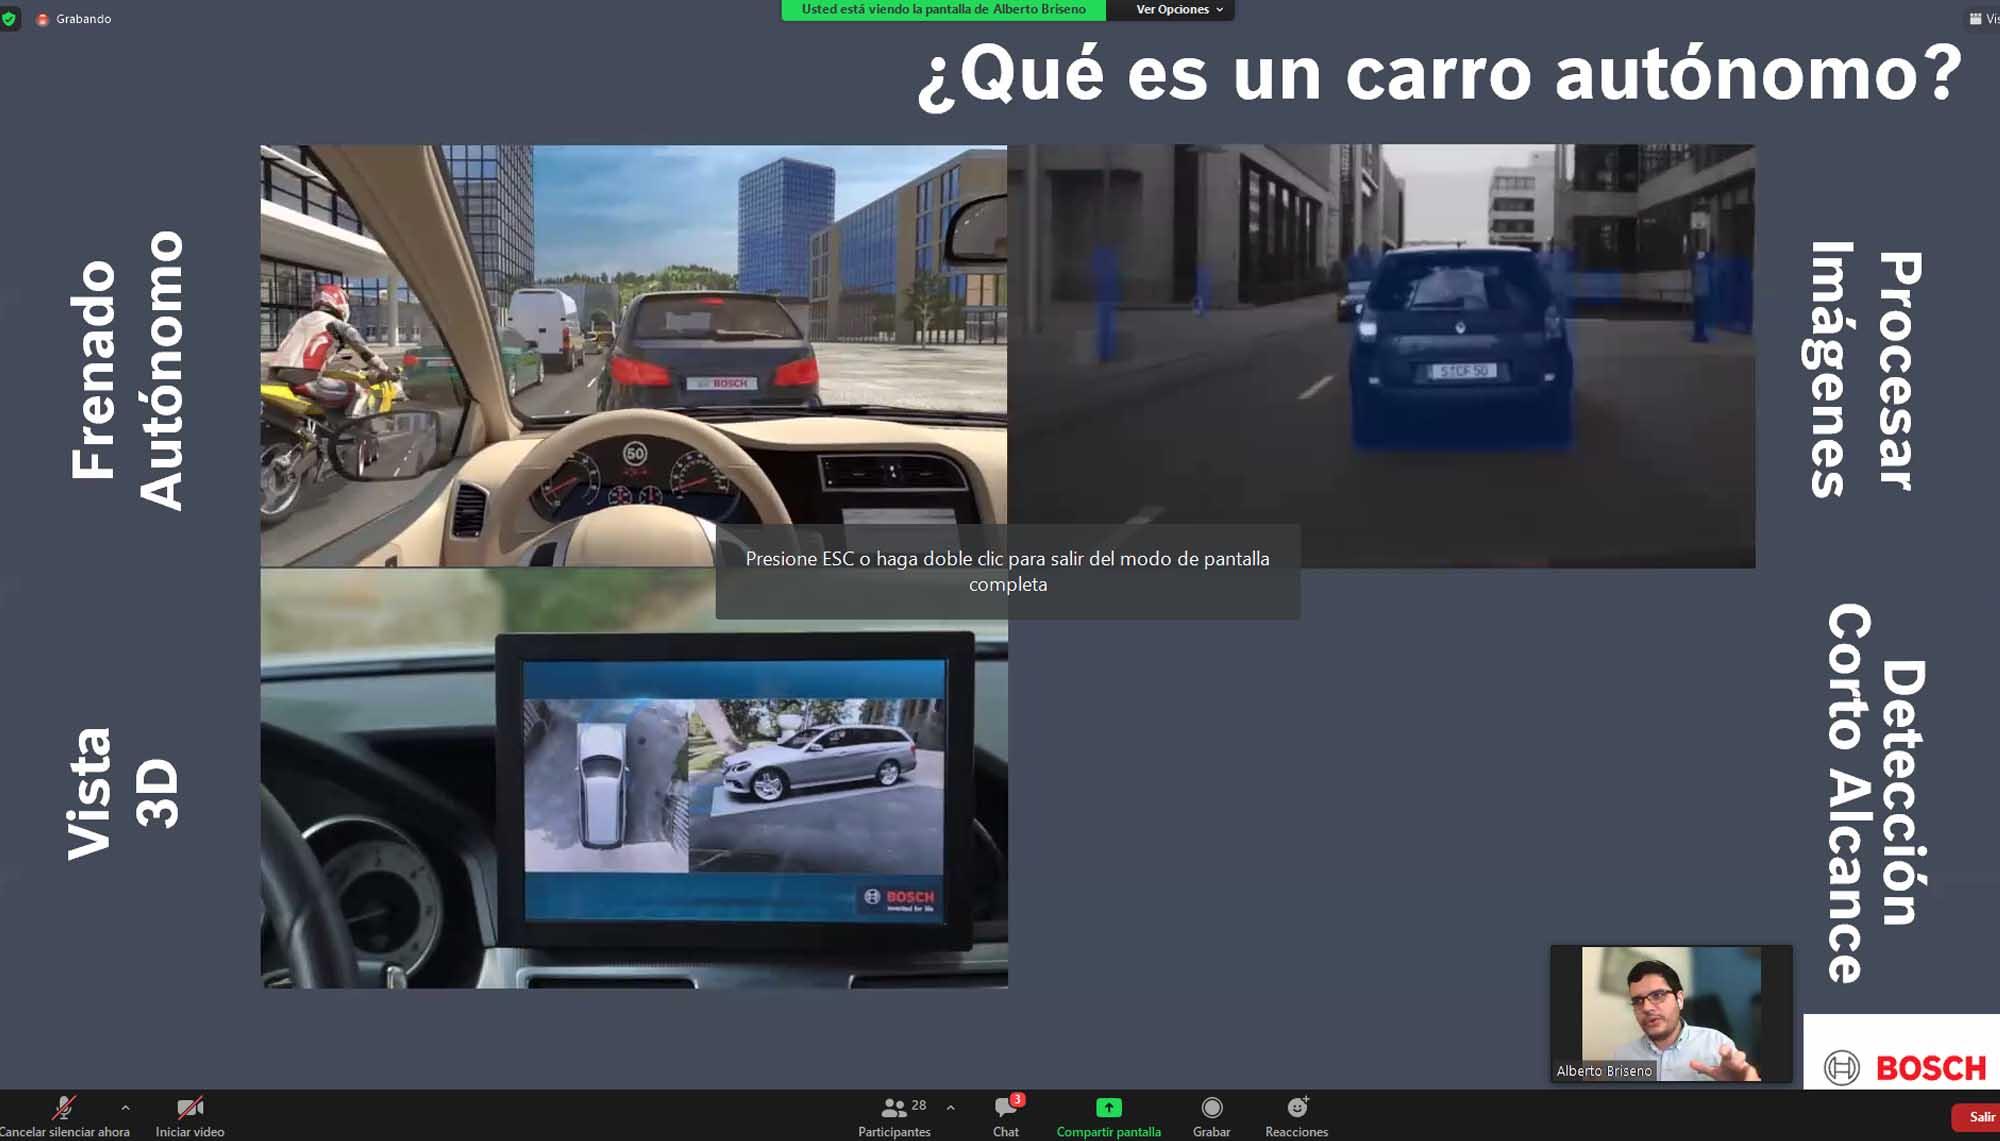 Autos autonomos 020921